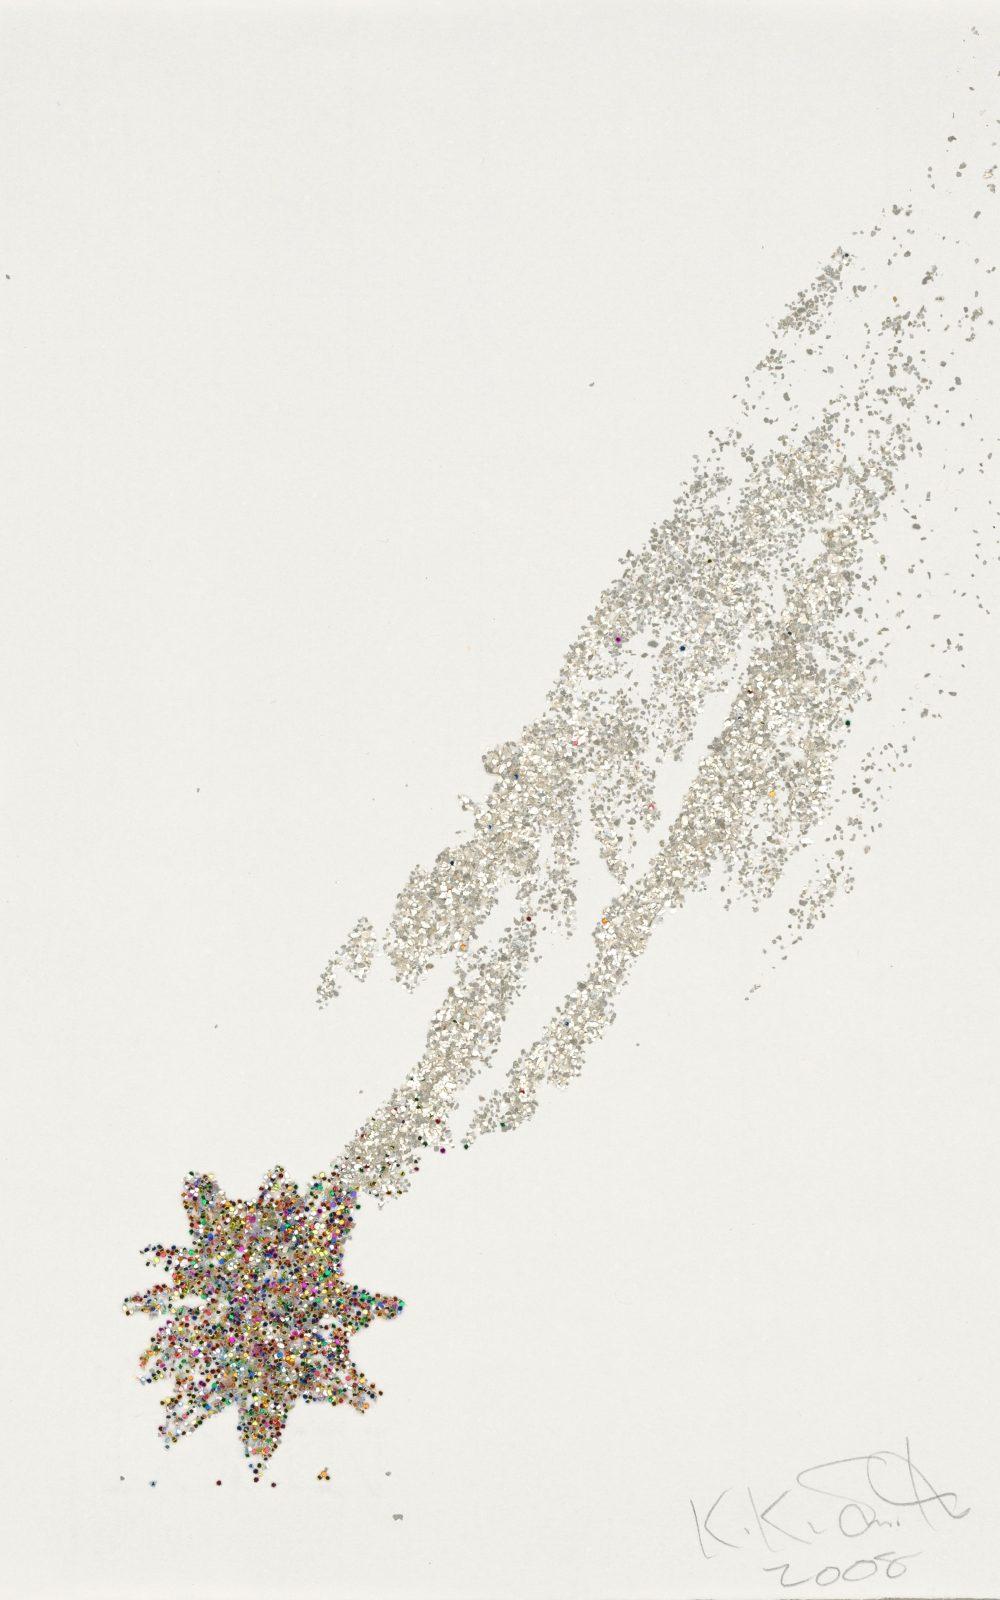 Kiki Smith, Shooting Star, 2008, Monoprint; Tinte und Glitter auf Losin Prague-Papier, 295 x 206 mm, Staatliche Graphische Sammlung München, Schenkung der Künstlerin © Kiki Smith, courtesy Pace Gallery